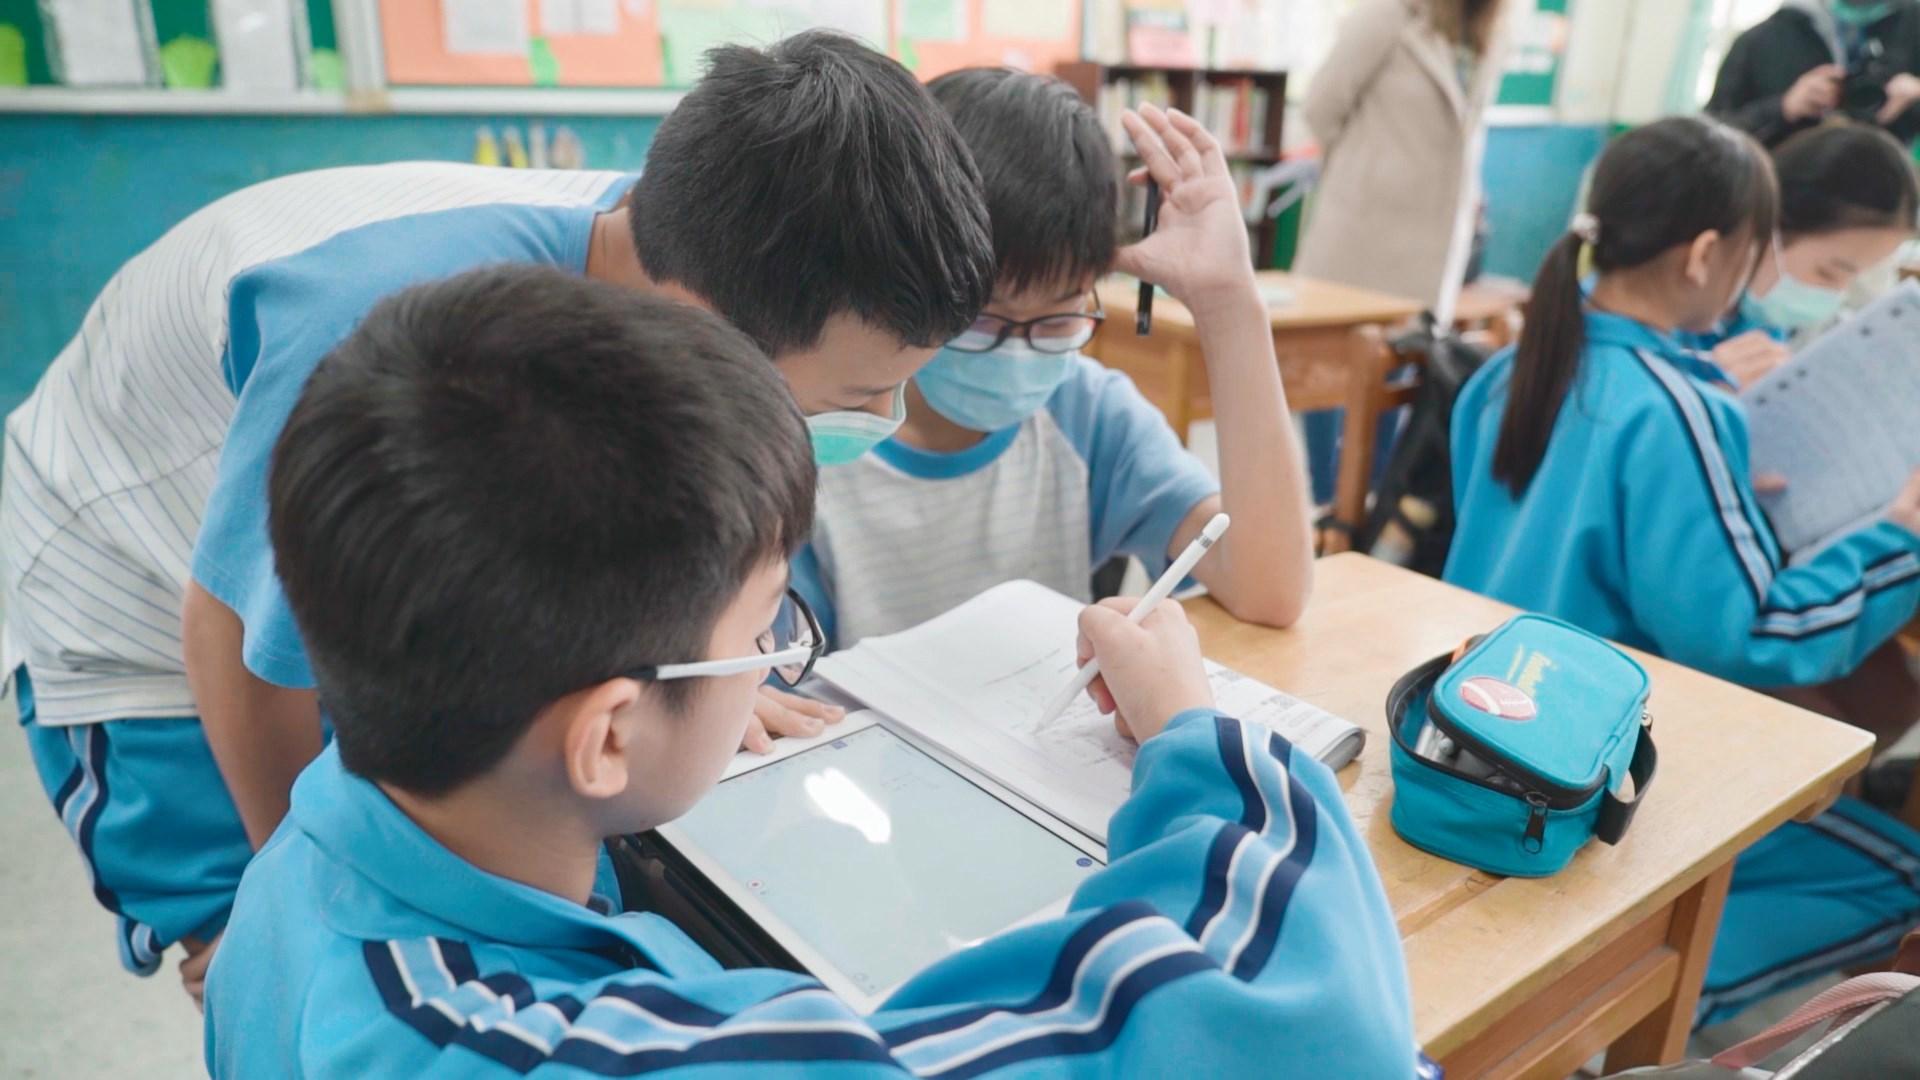 劉繼文老師的數學課,每個同學都依照著自己的進度在學習。